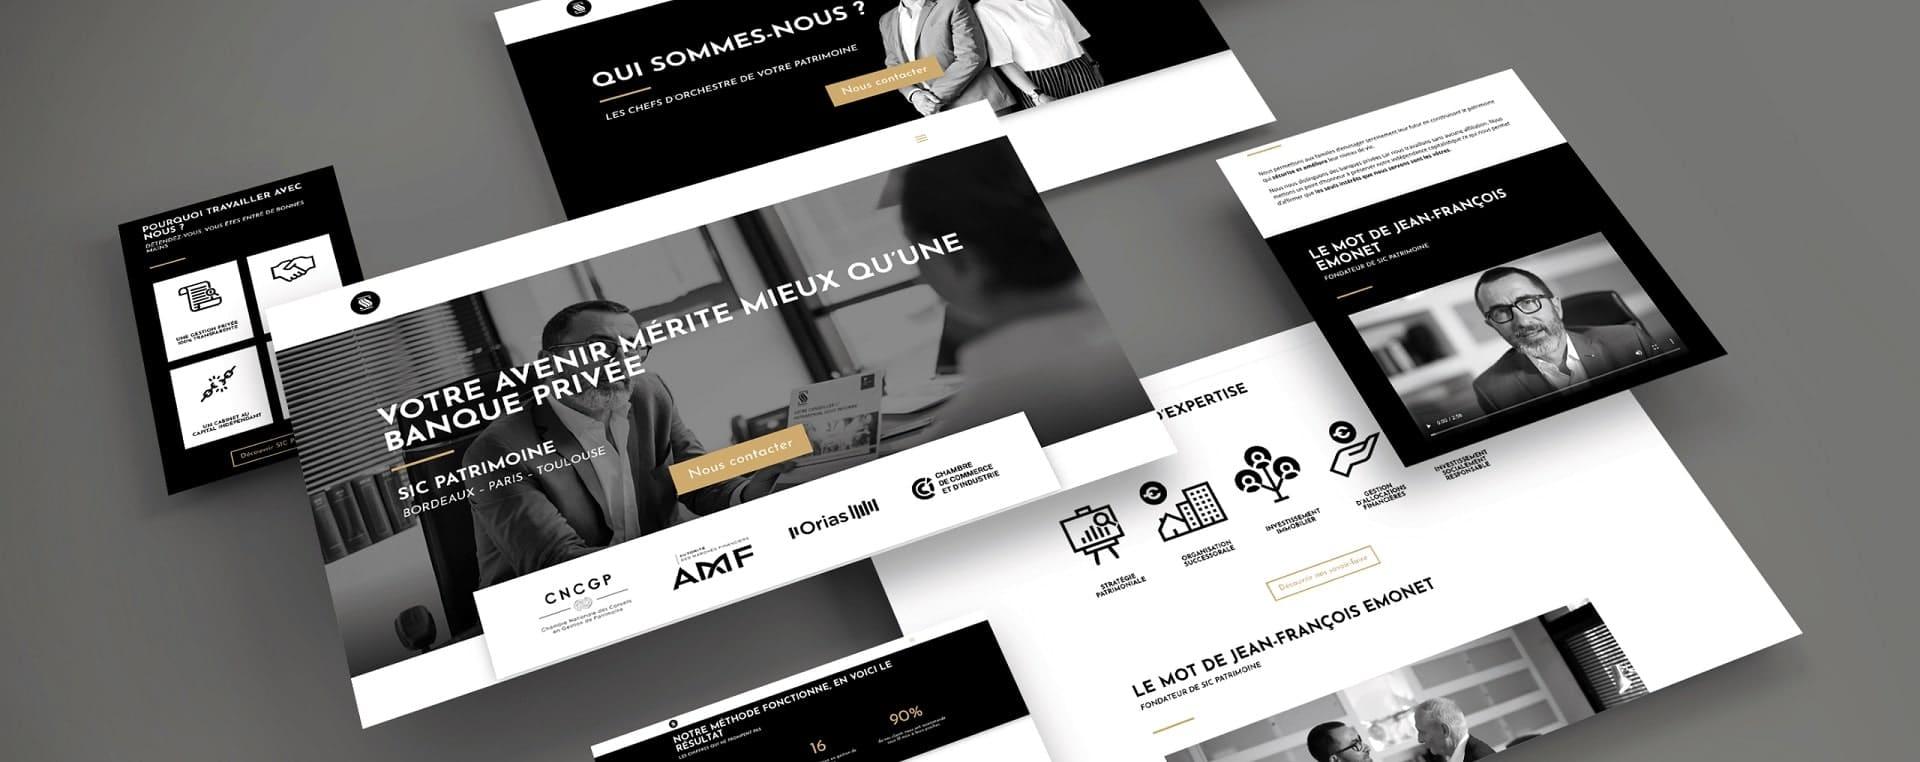 mock-up pages site internet gestionnaire de patrimoine